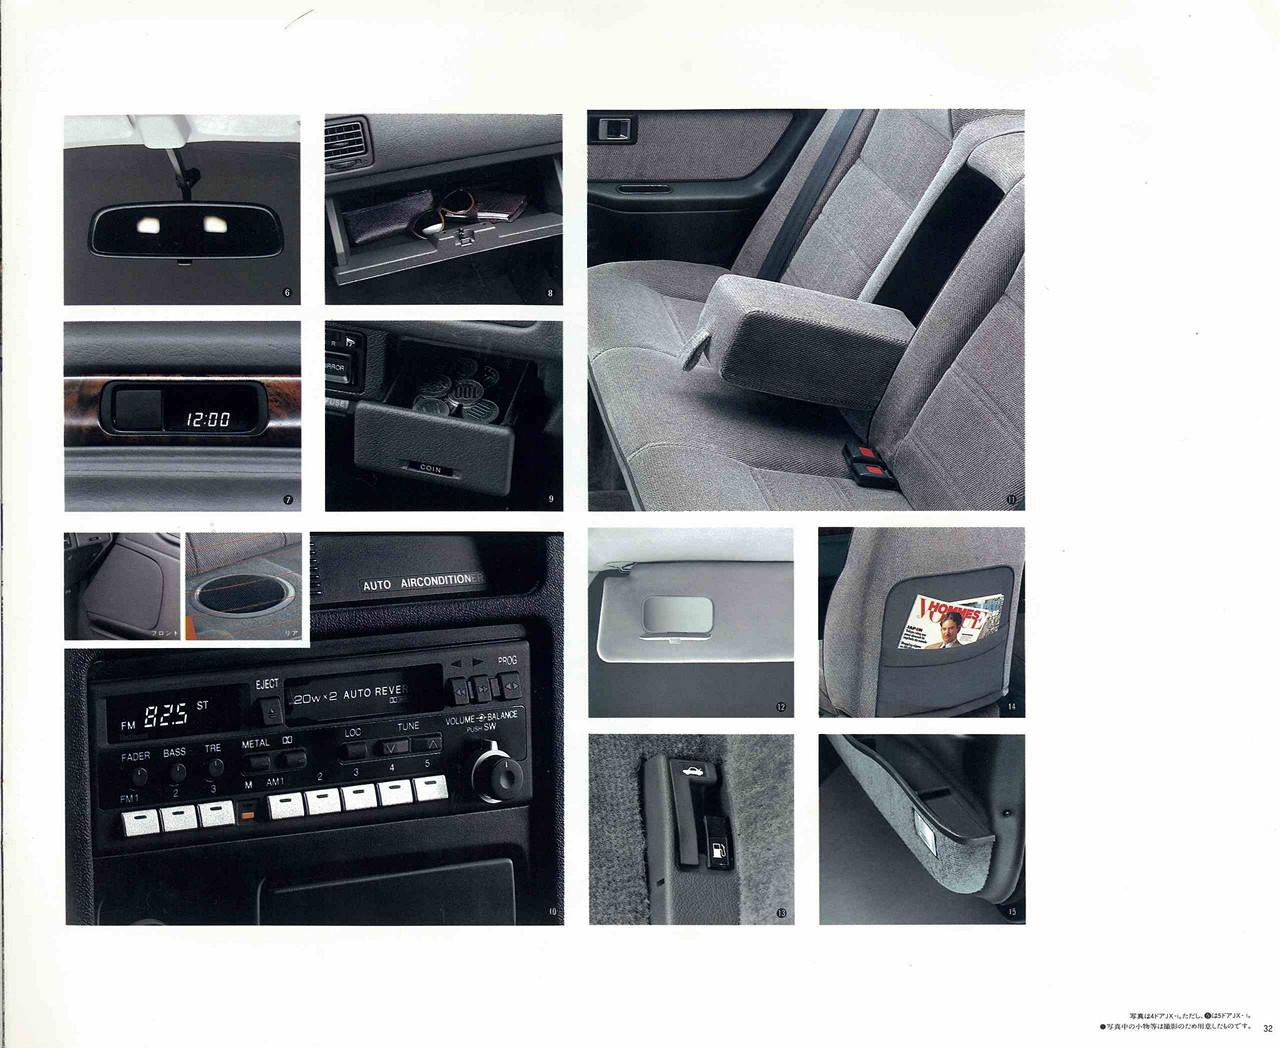 Honda Concerto, opcje, wyposażenie, wnętrze, sedany z lat 90